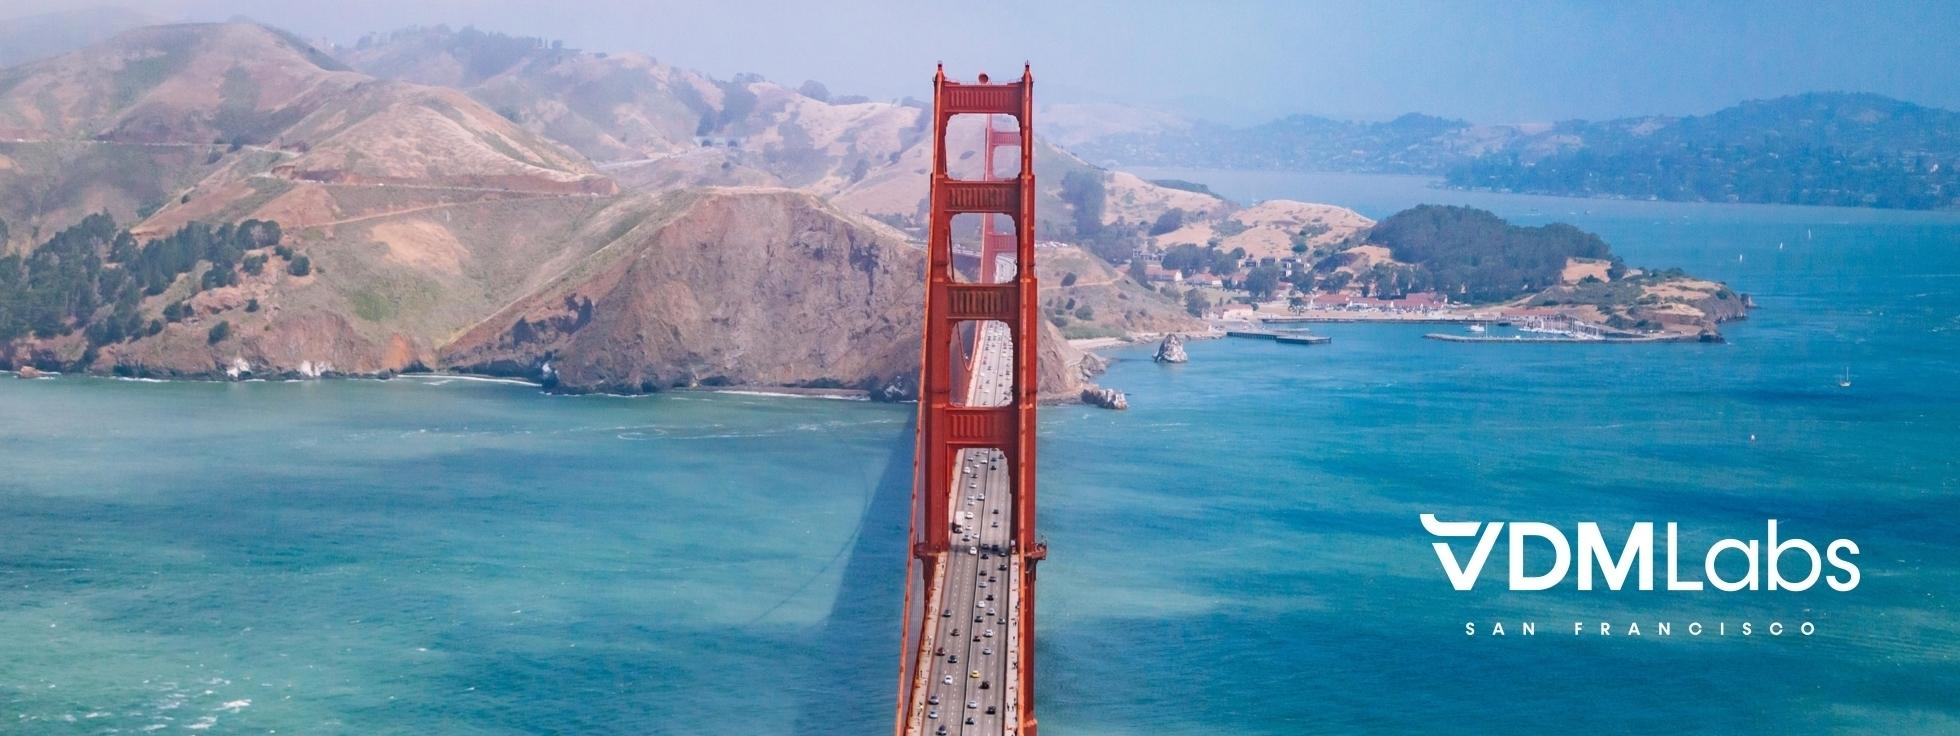 Trend tecnologici e innovazione direttamente dalla Bay Area con la VDM Labs